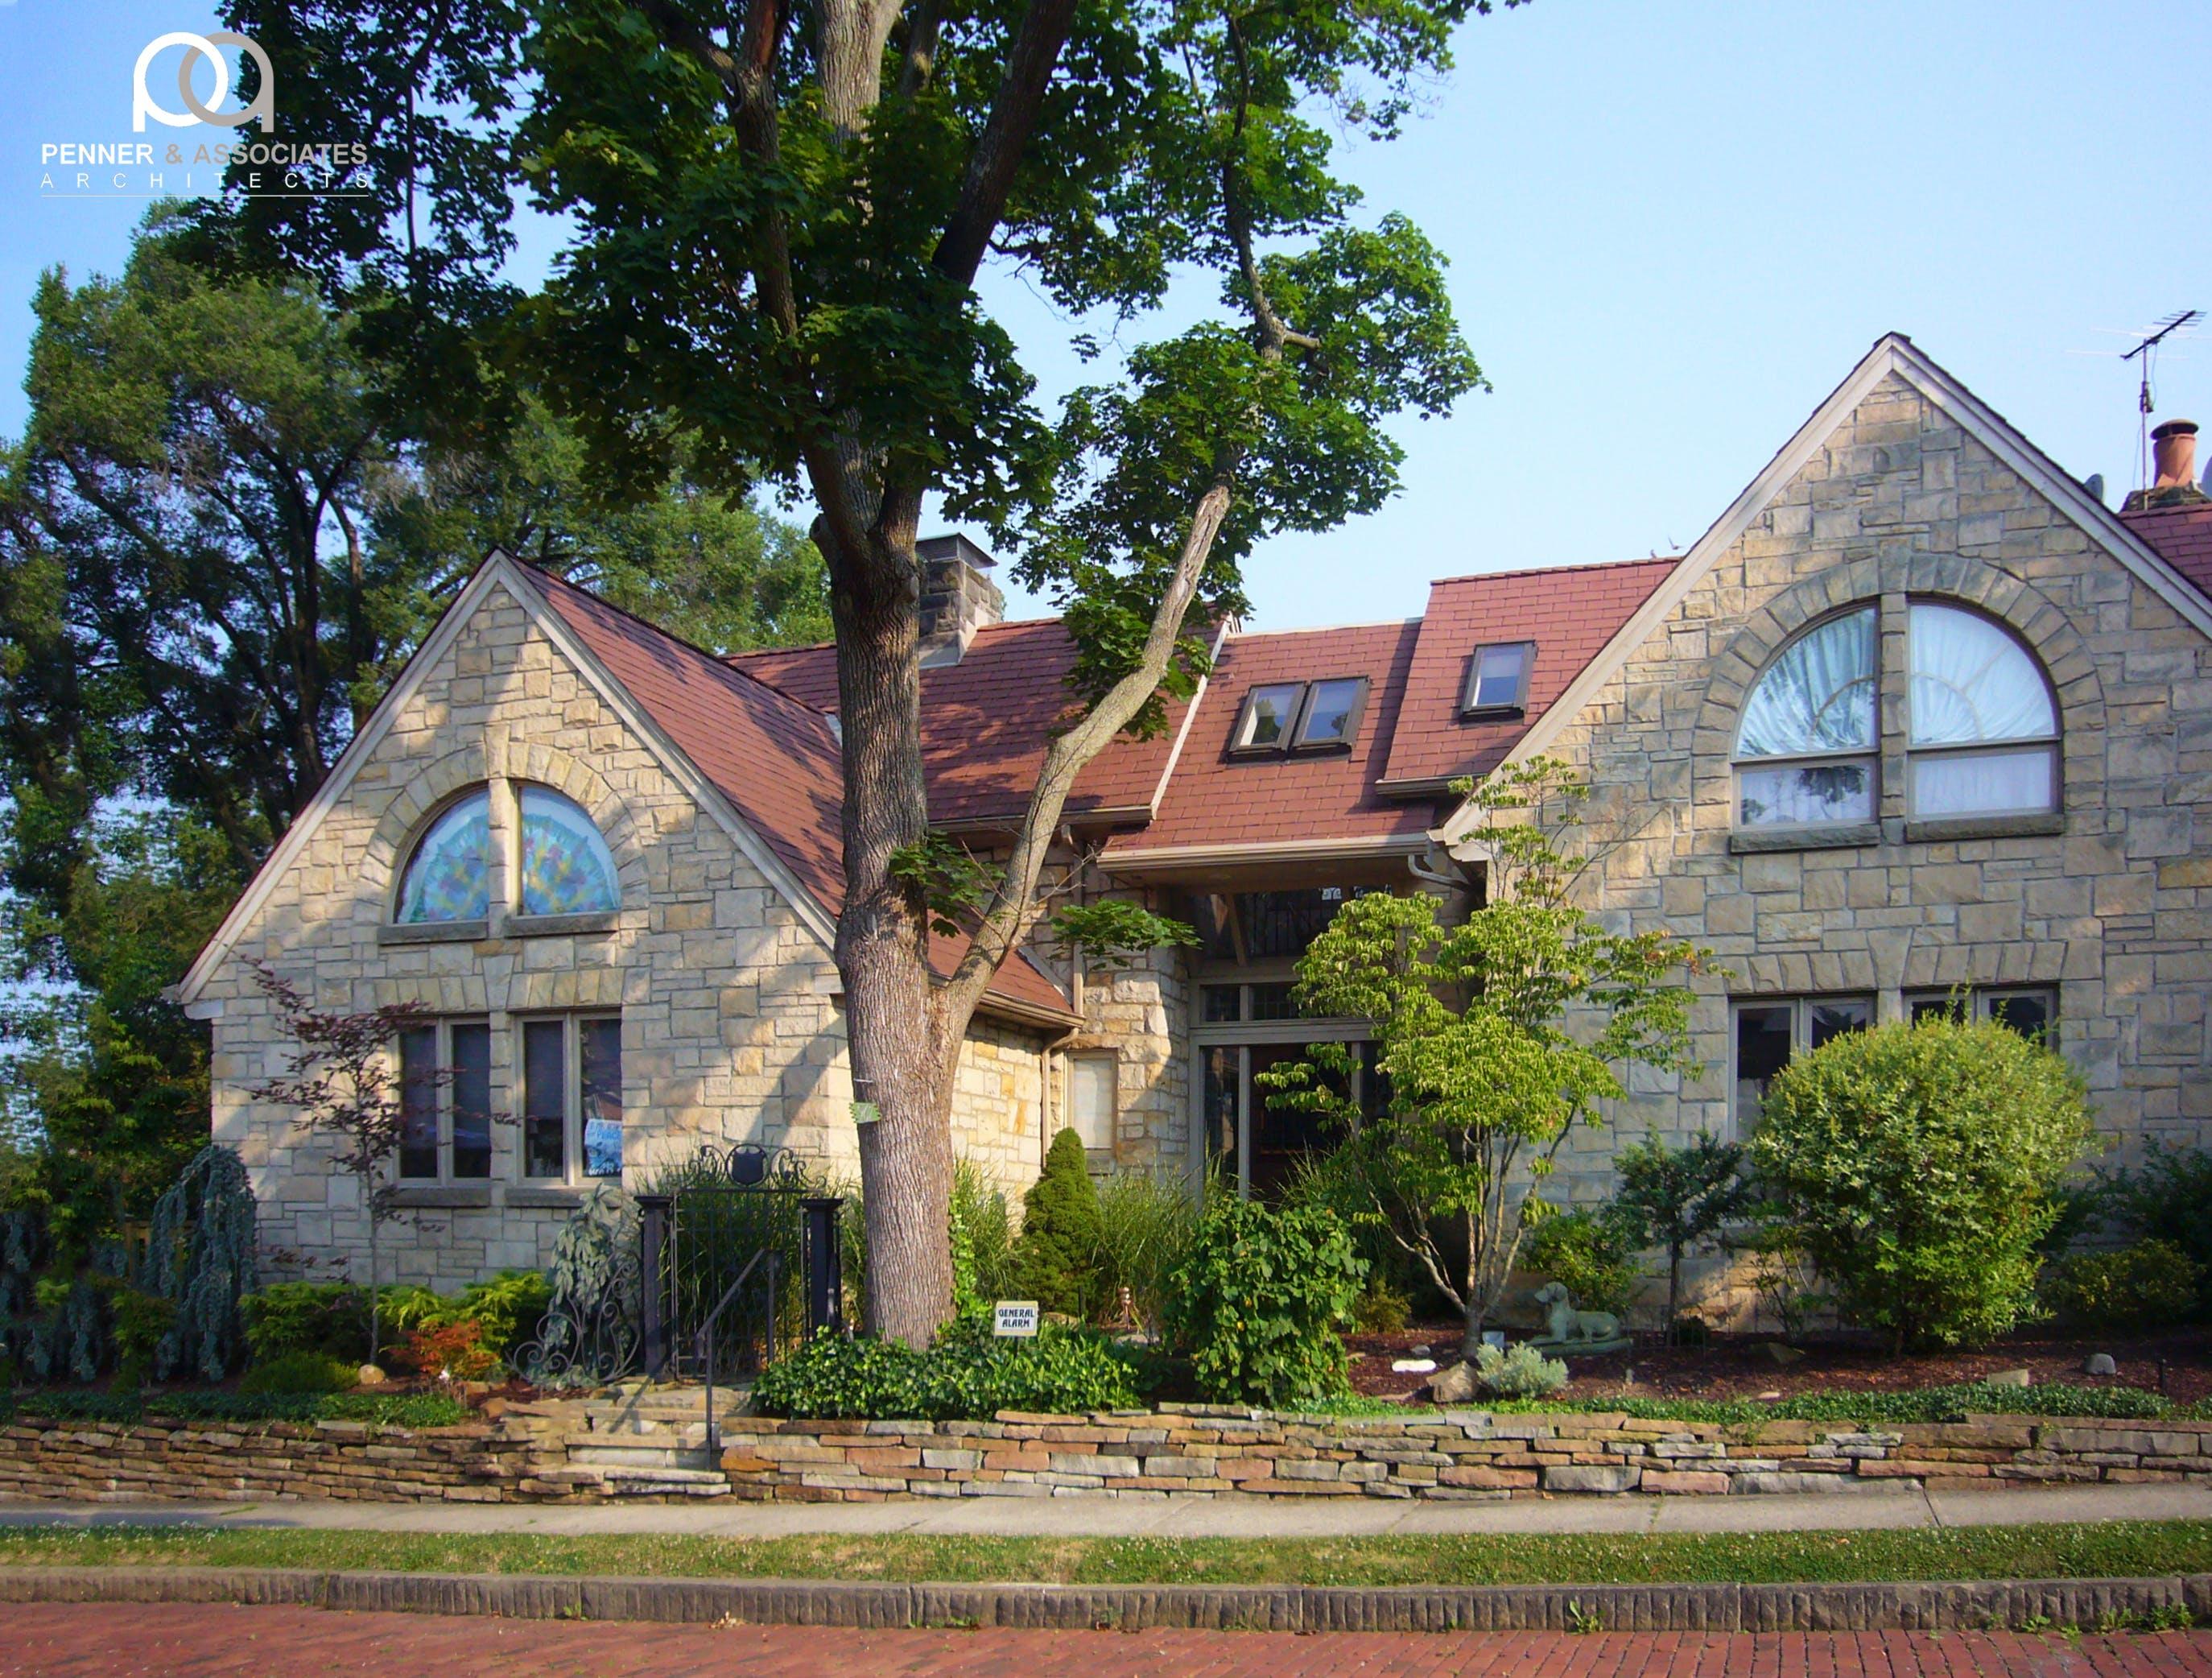 Segal Residence Penner Ociates